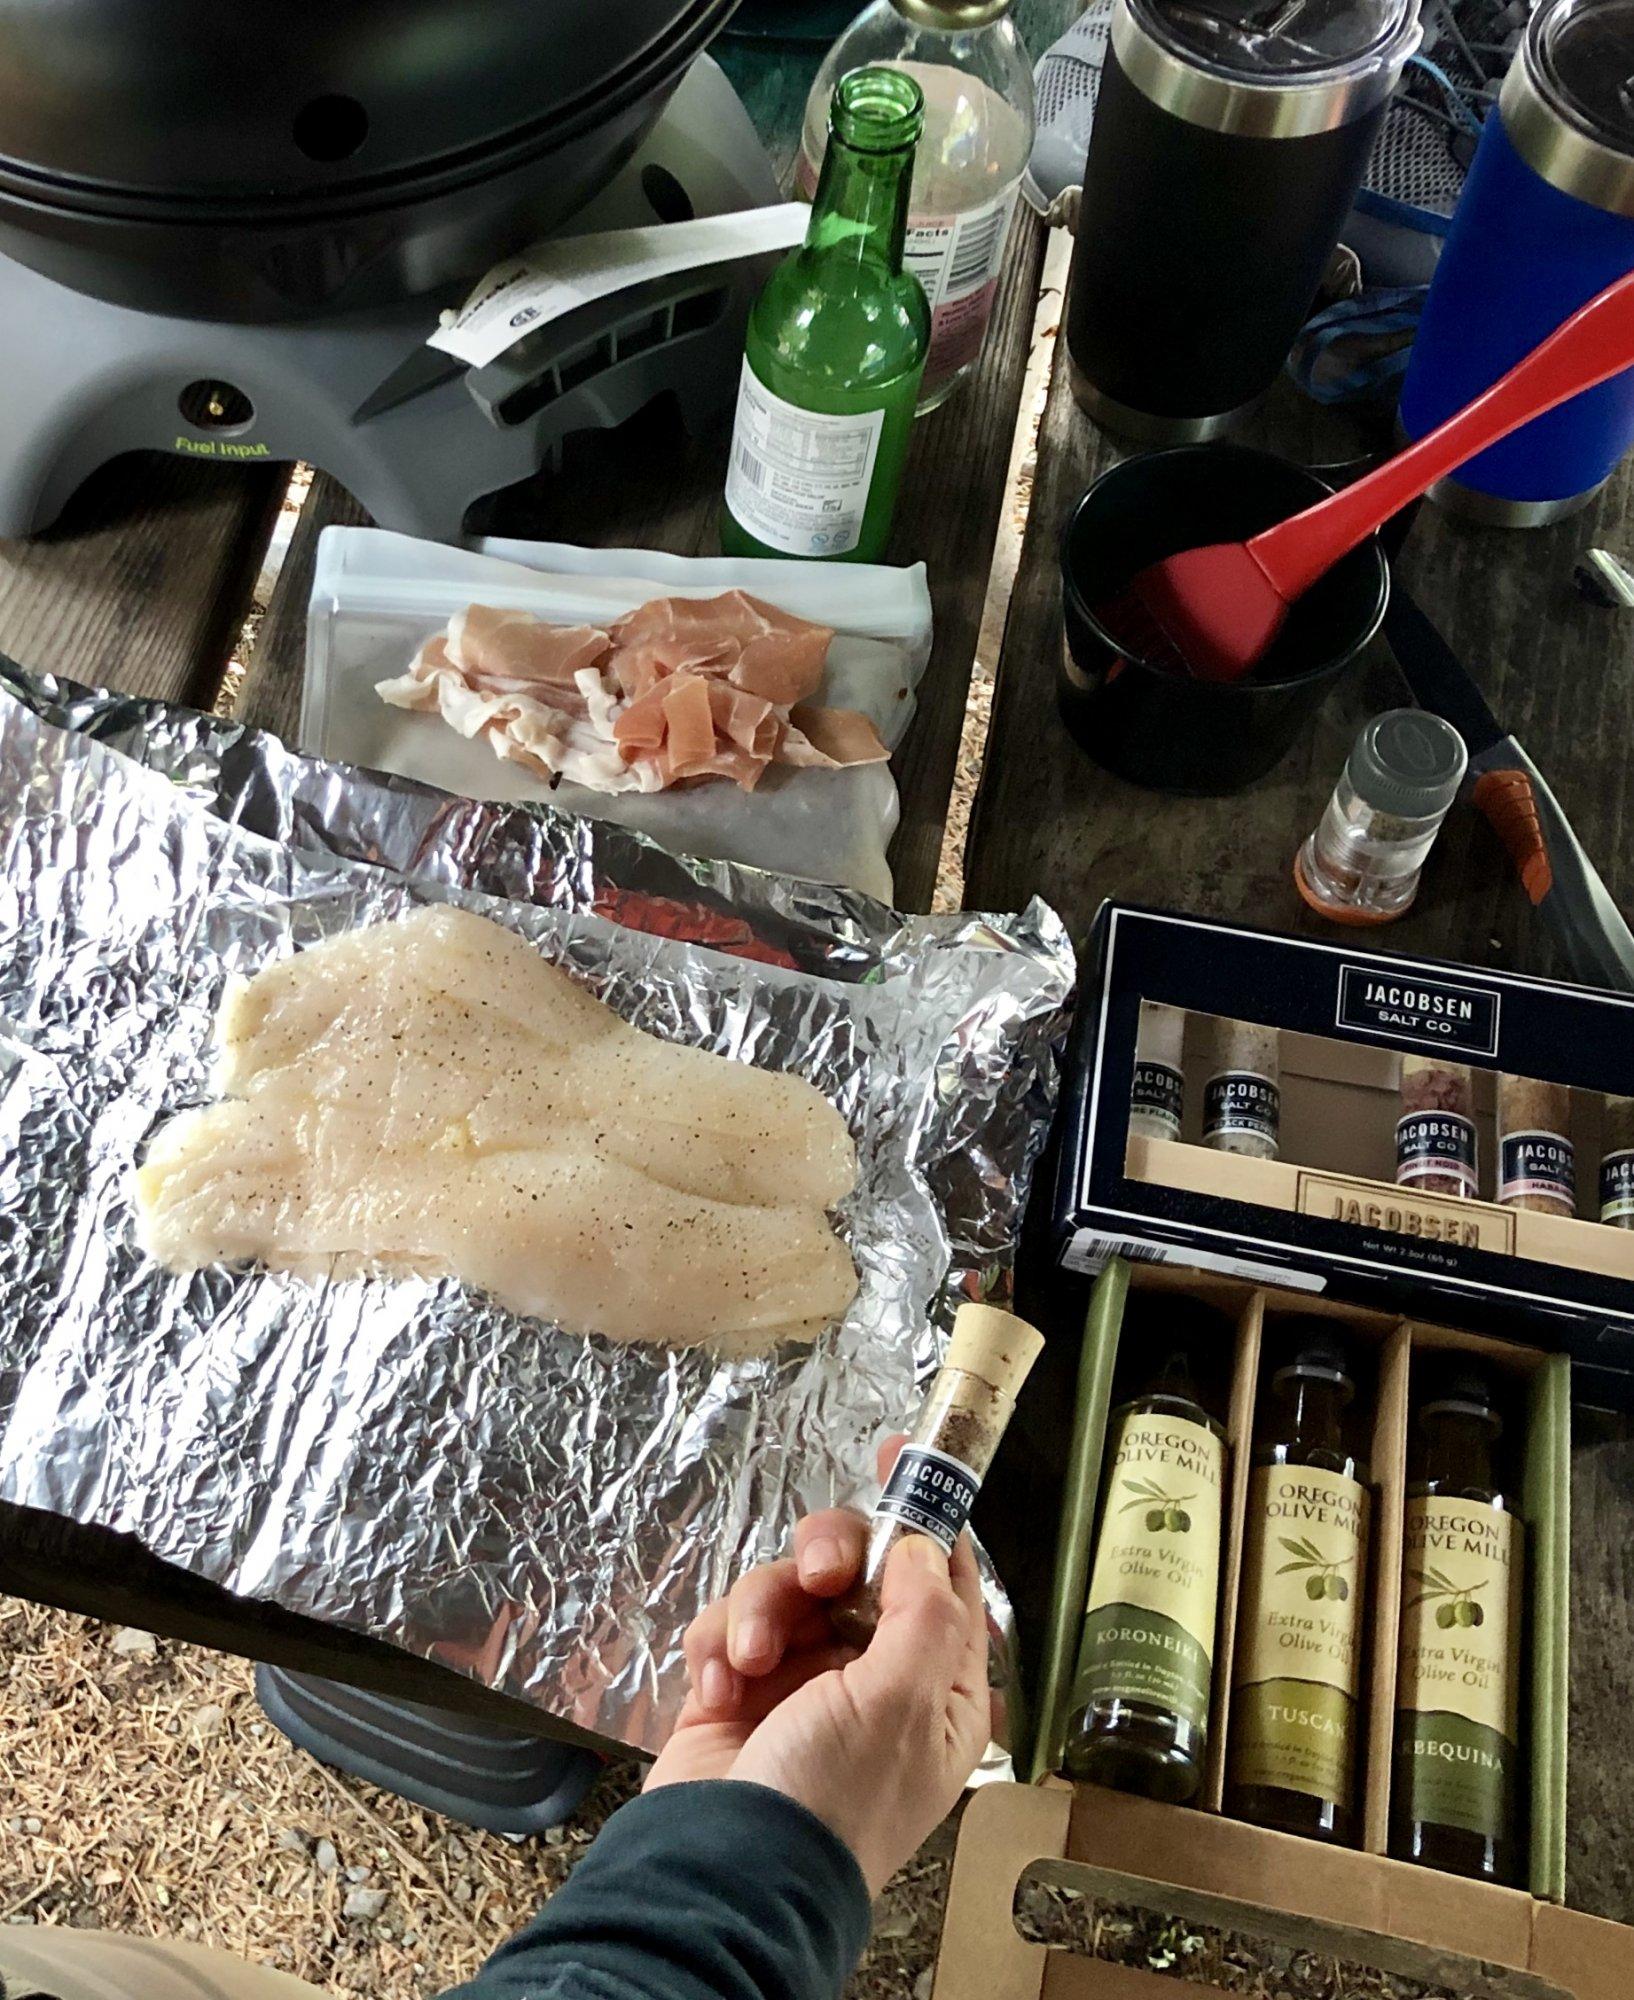 Cooking rockfish from Pacific Ocean Harversters, Brookings, Oregon